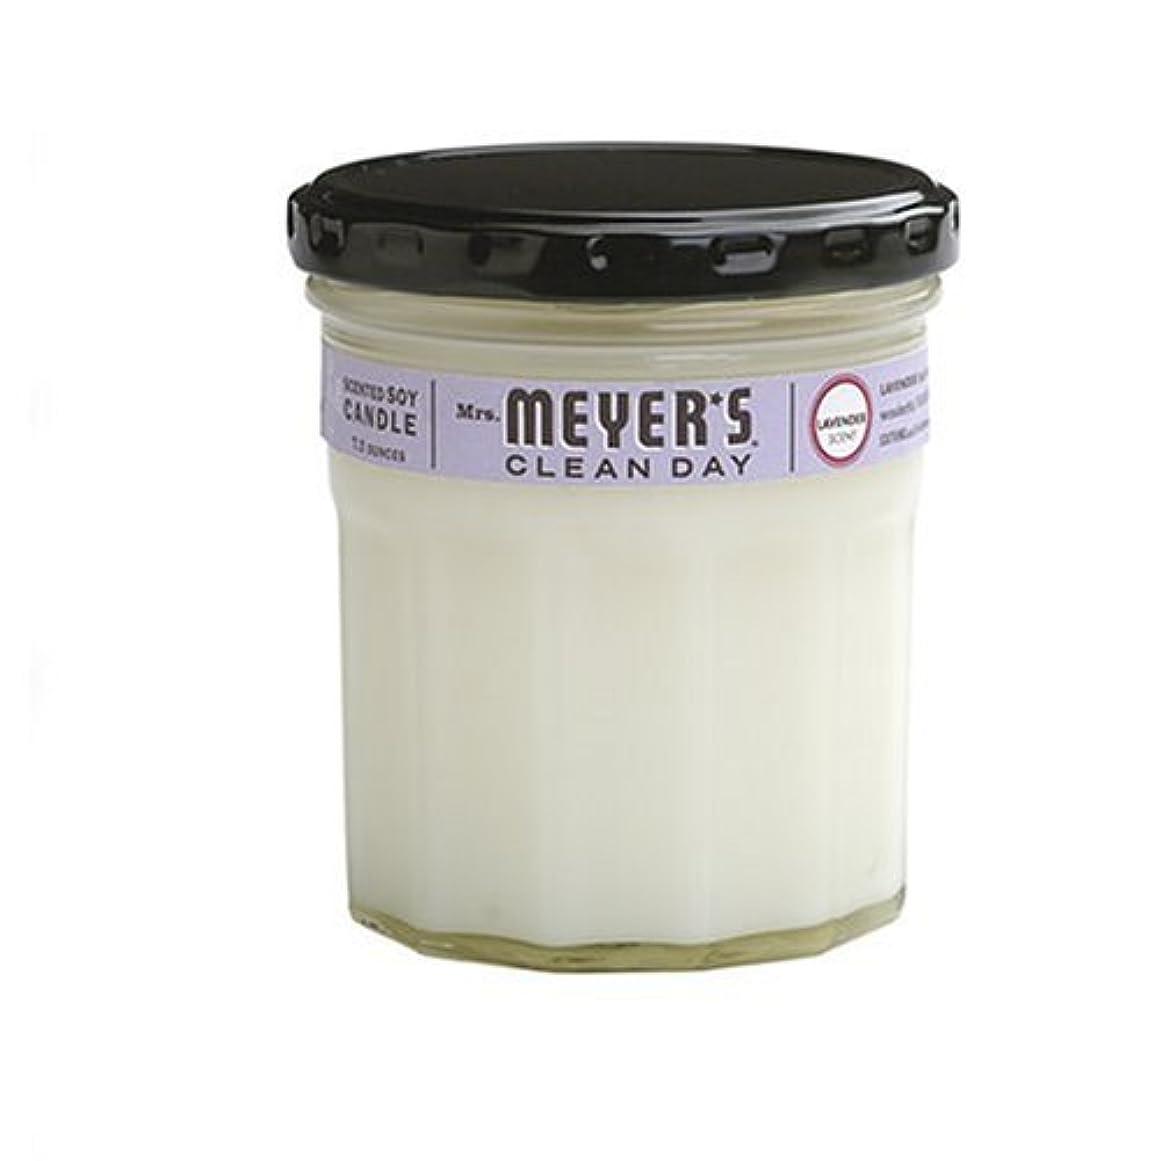 重要な役割を果たす、中心的な手段となるかける肥沃なMrs. Meyer's Clean Day Soy Candle, Lavender, 7.2 Ounce Glass Jar [並行輸入品]